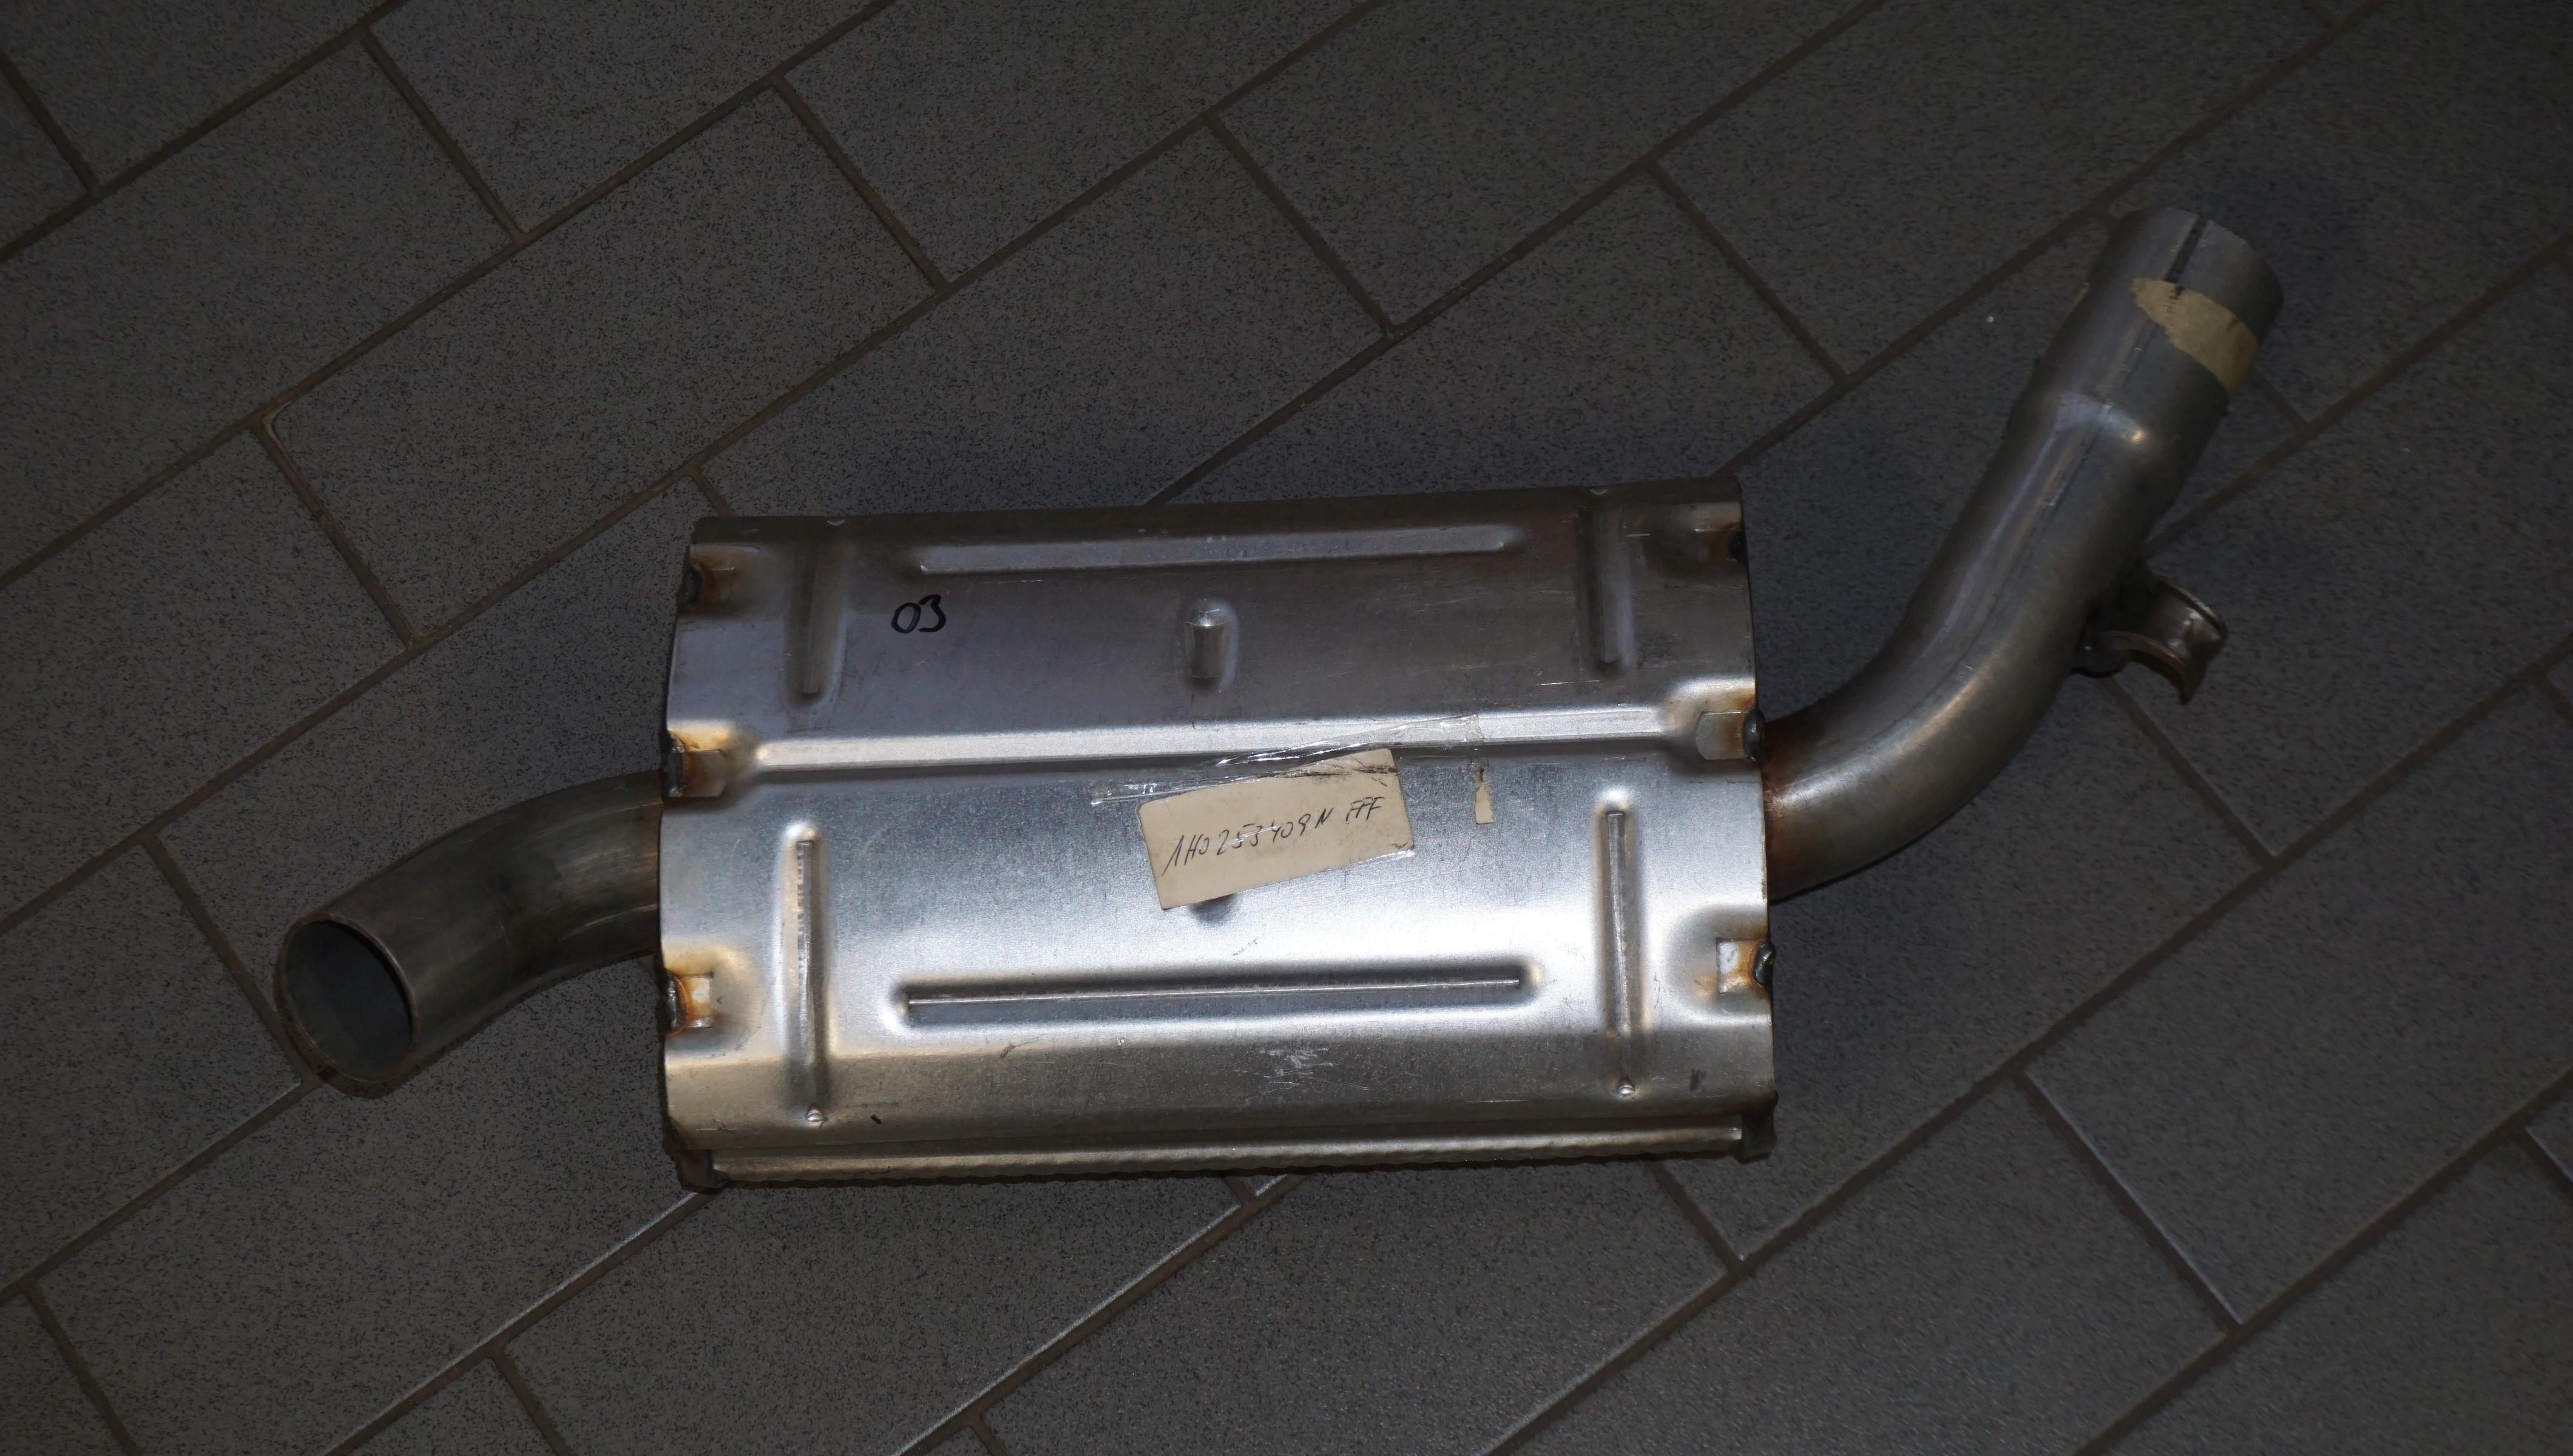 1H0 253 409 N Mittelschalldämpfer für VW Golf